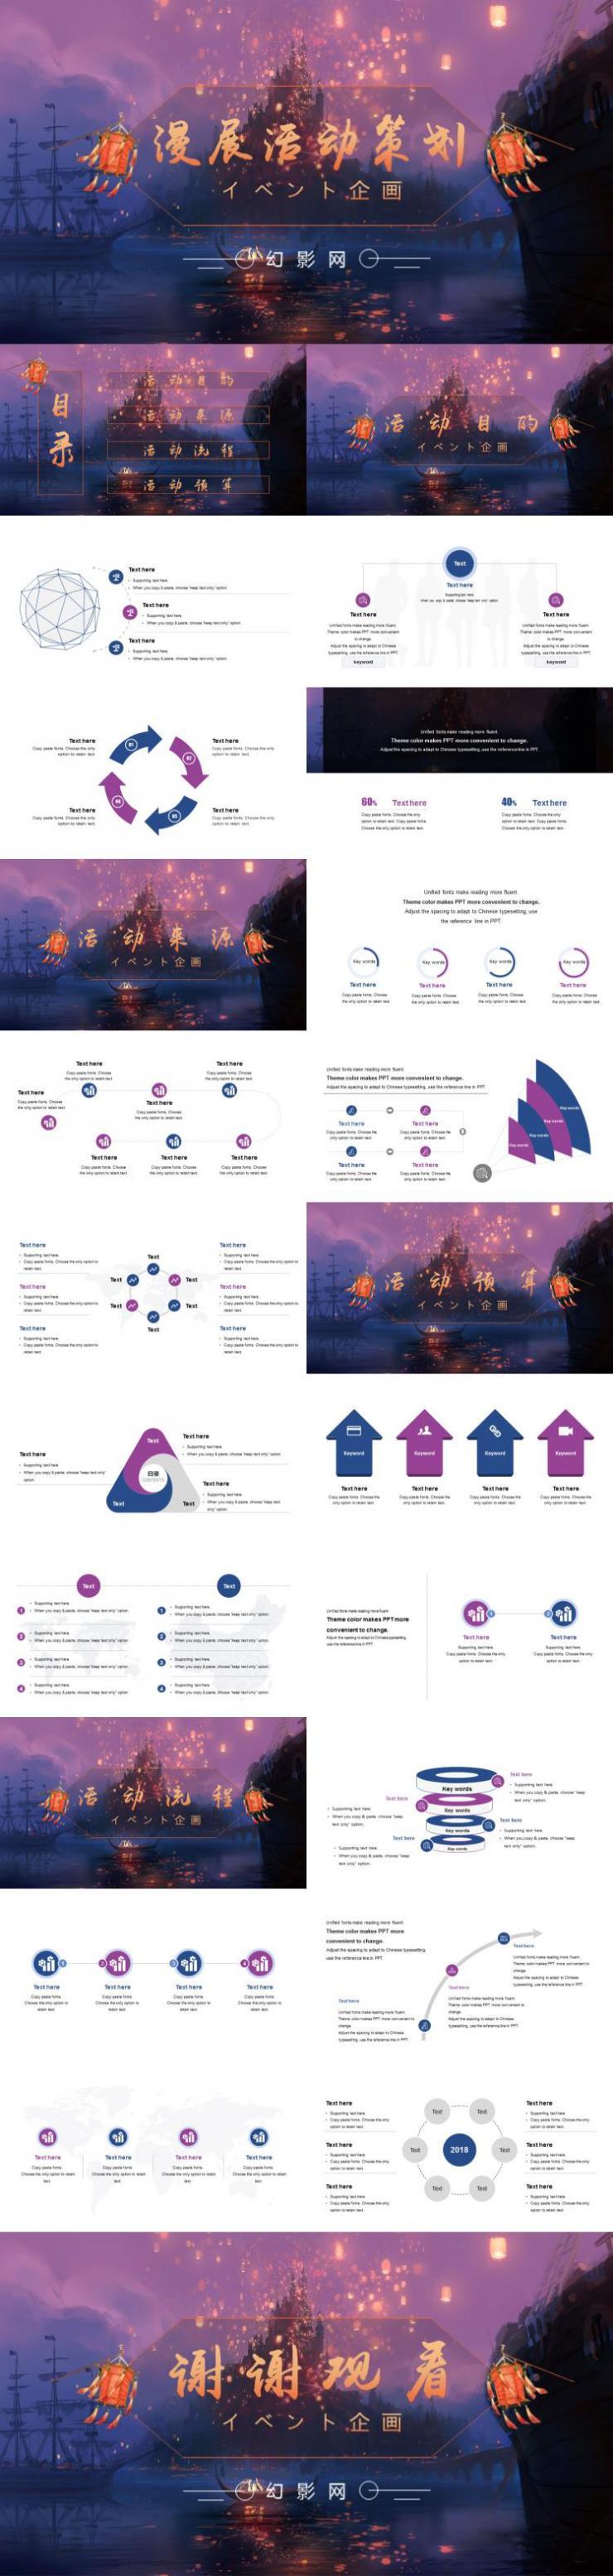 蓝紫唯美漫展活动策划PPT模板